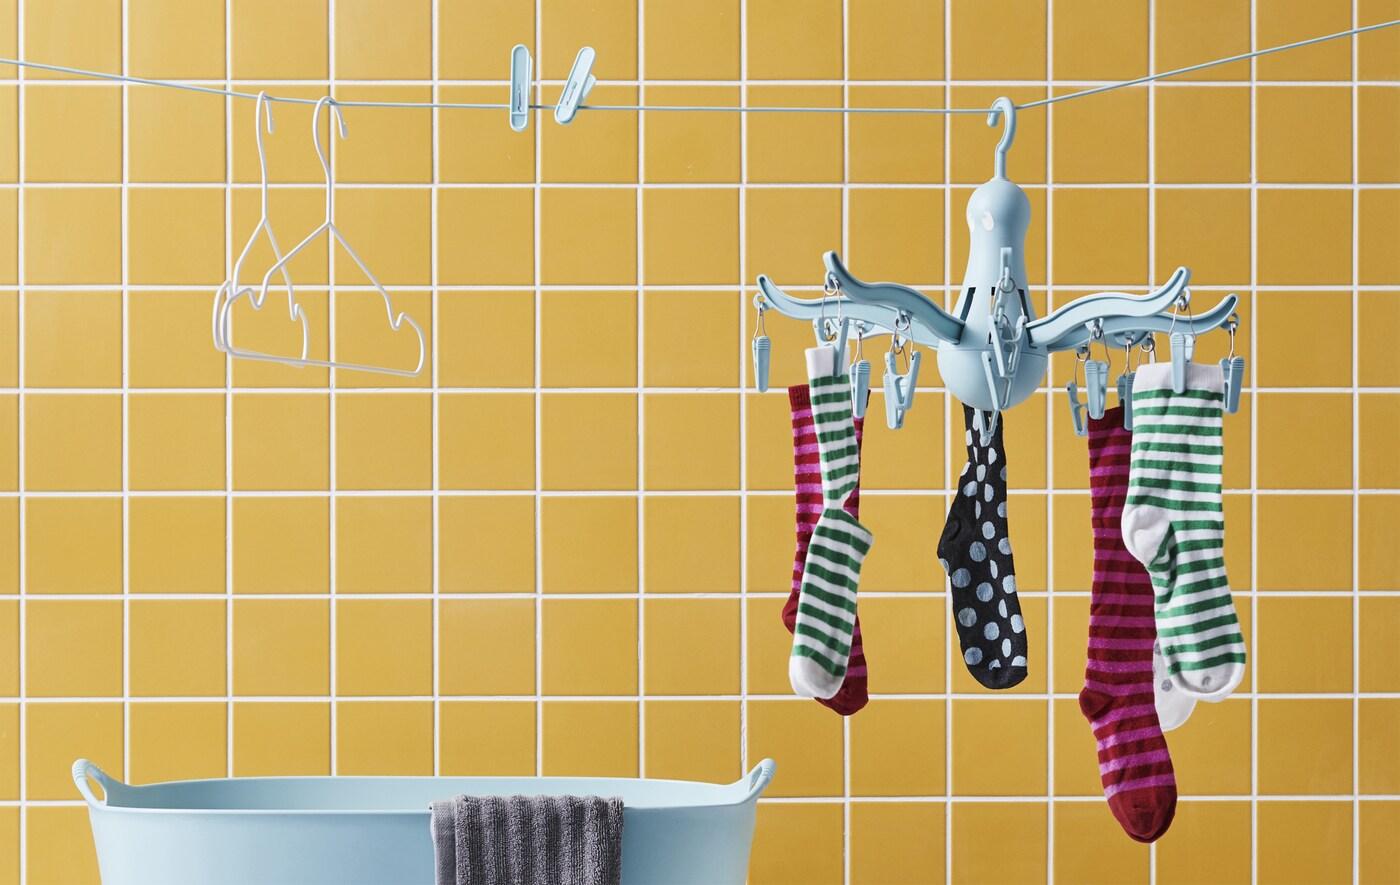 Socken an einer PRESSA Miniwäschespinne in Türkis sorgen für mehr Ordnung zu Hause